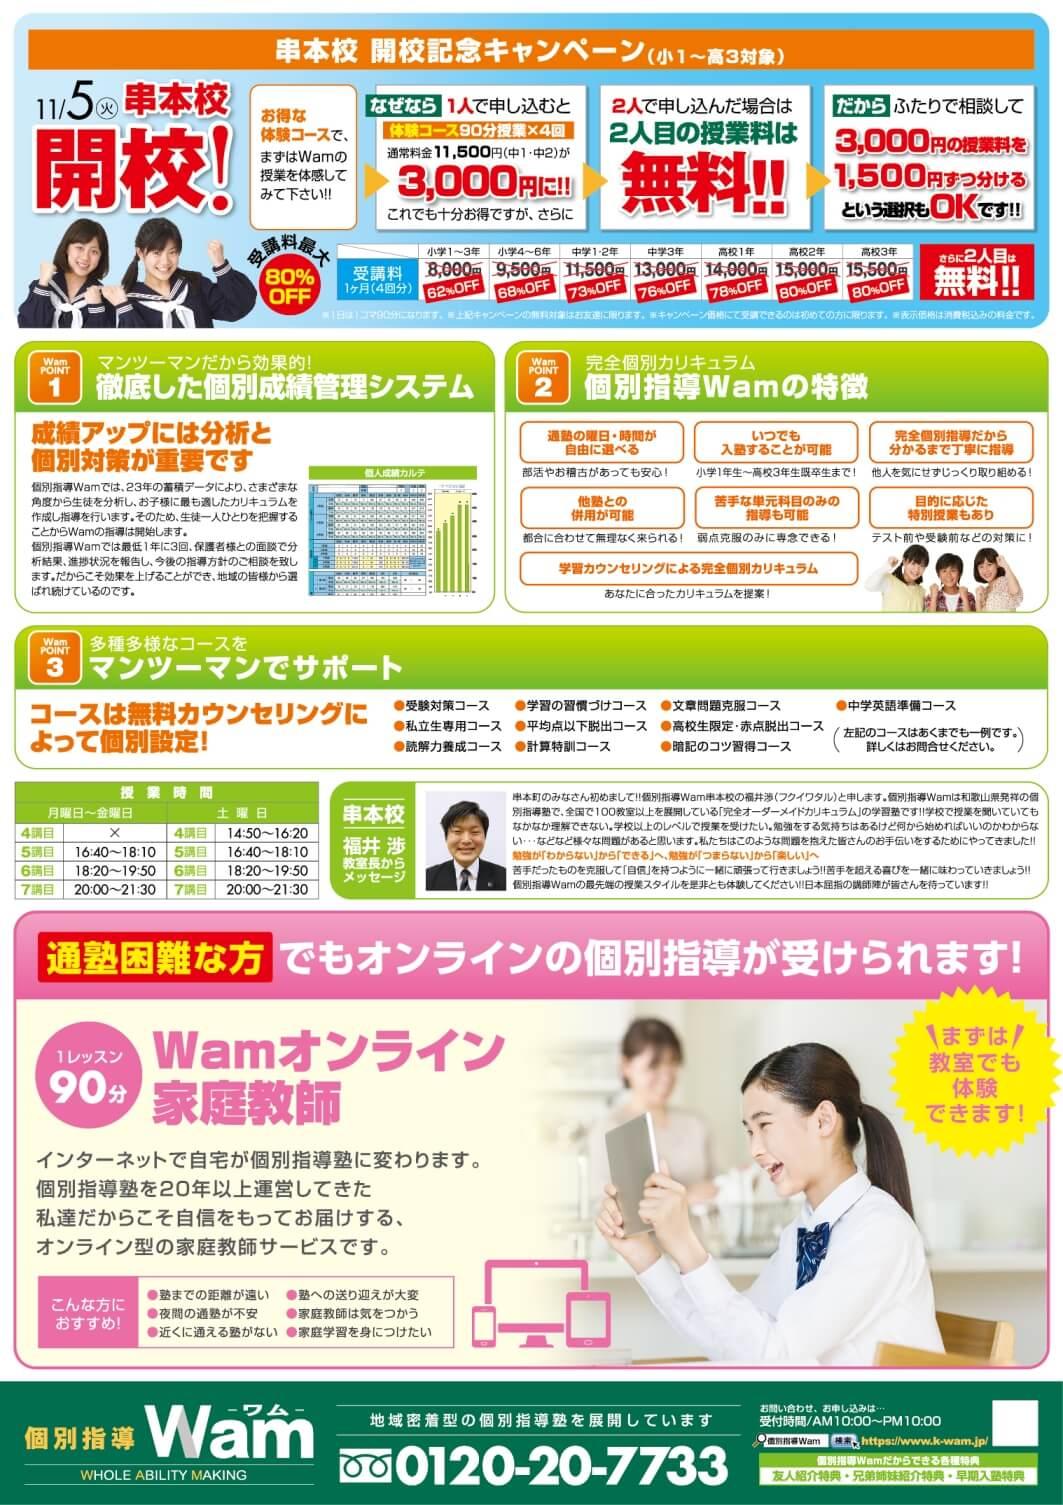 串本校 2019年11月5日(火) 開校・ウラ面